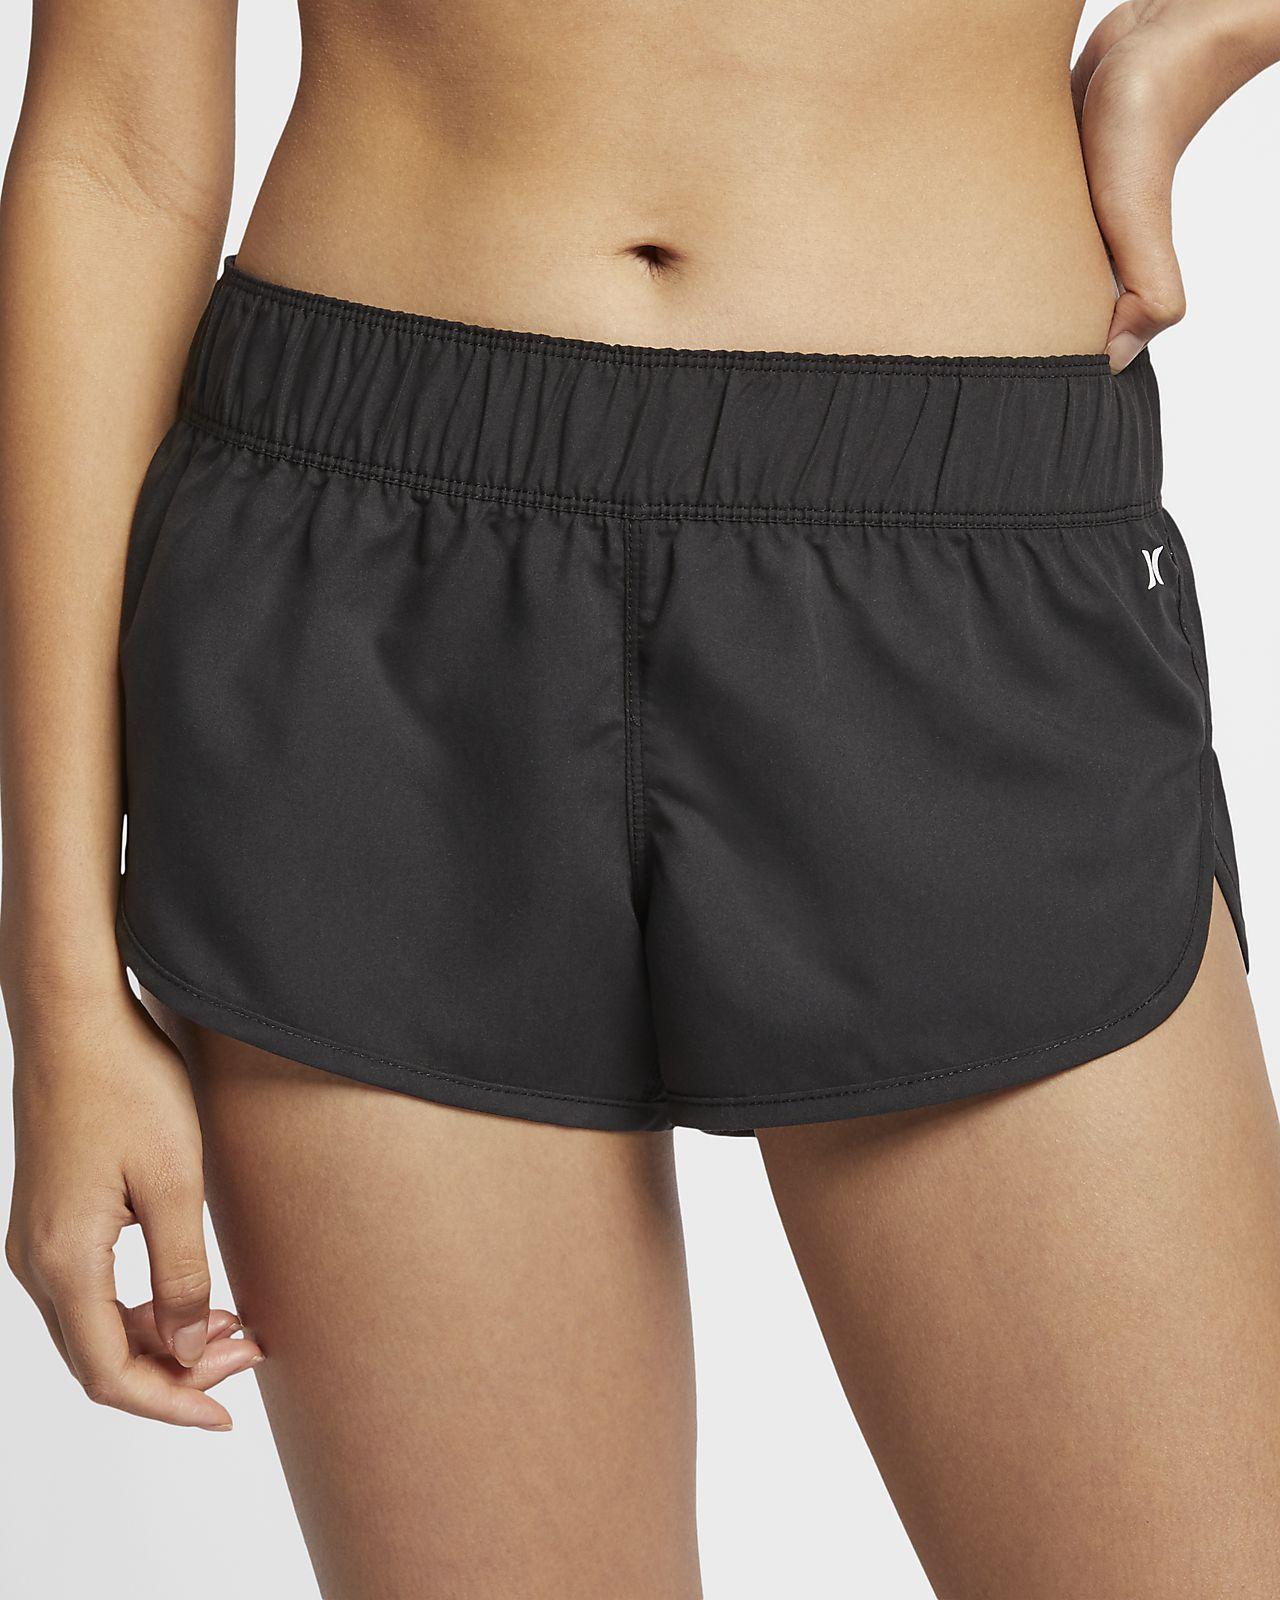 Calções de banho Hurley Supersuede Beachrider para mulher. Nike.com PT eb3808ffb2154